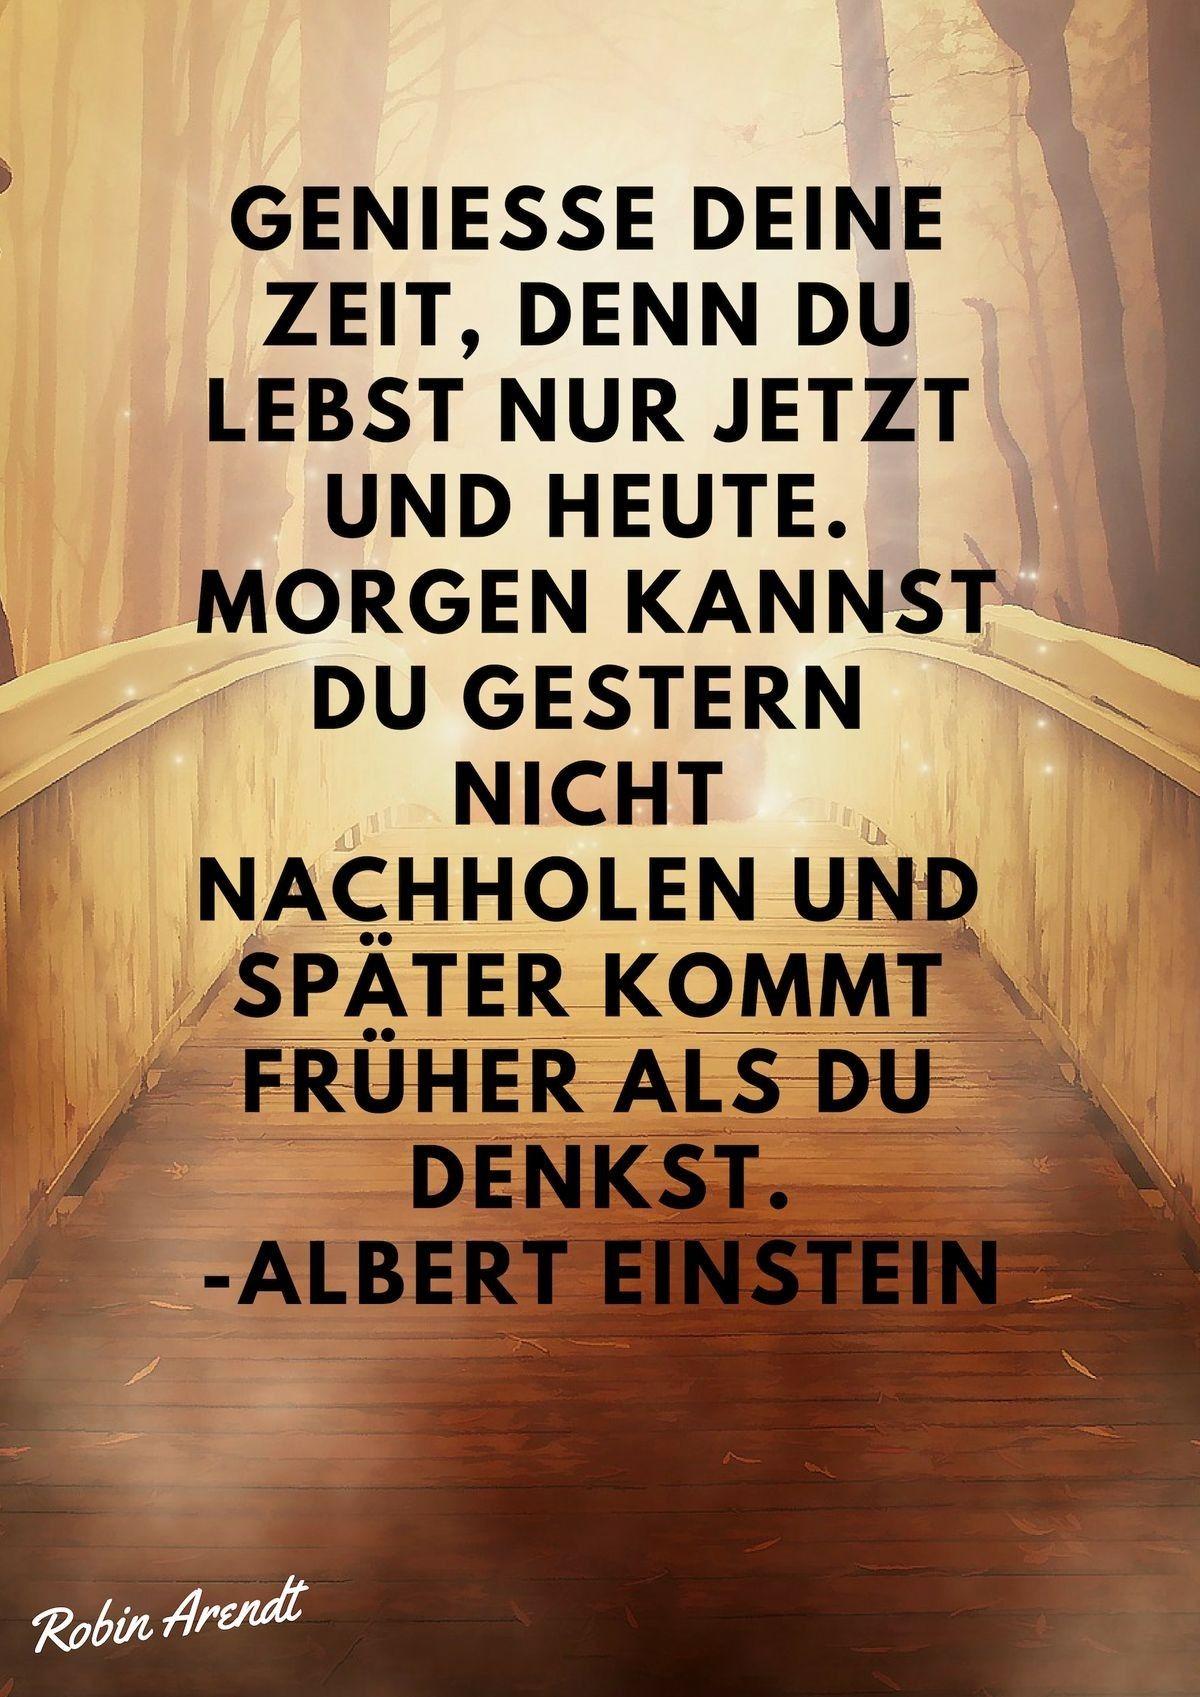 Pin Von Steffen Auf Words Spruche Zitate Spruche Zitate Leben Spruche